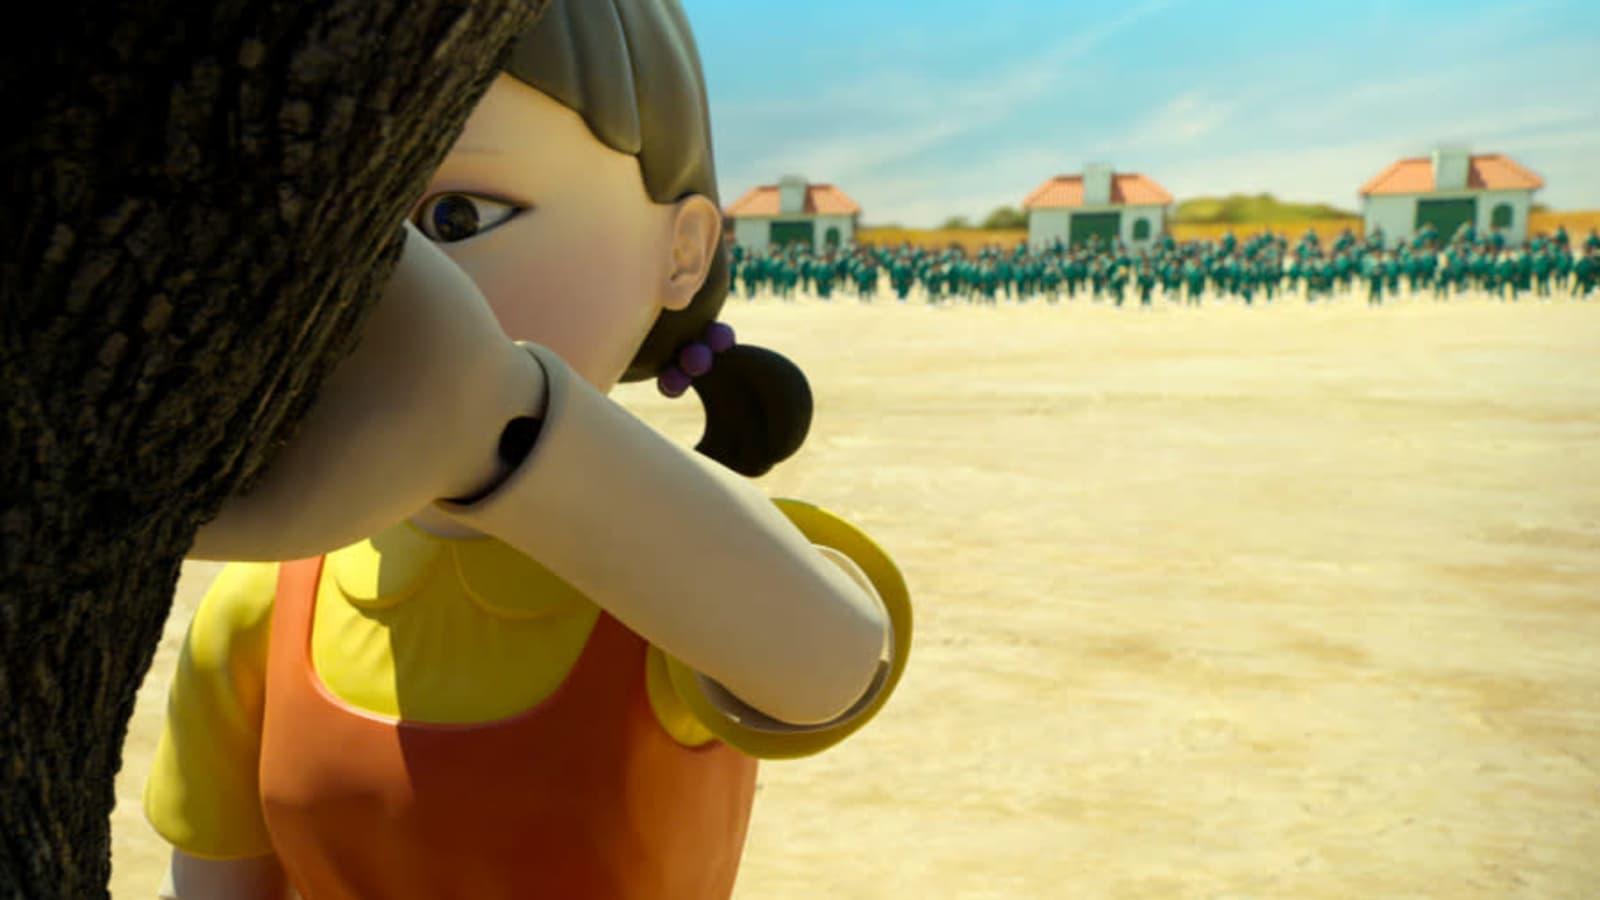 Squid Game là seri phim hot nhất của Nextflix hiện nay